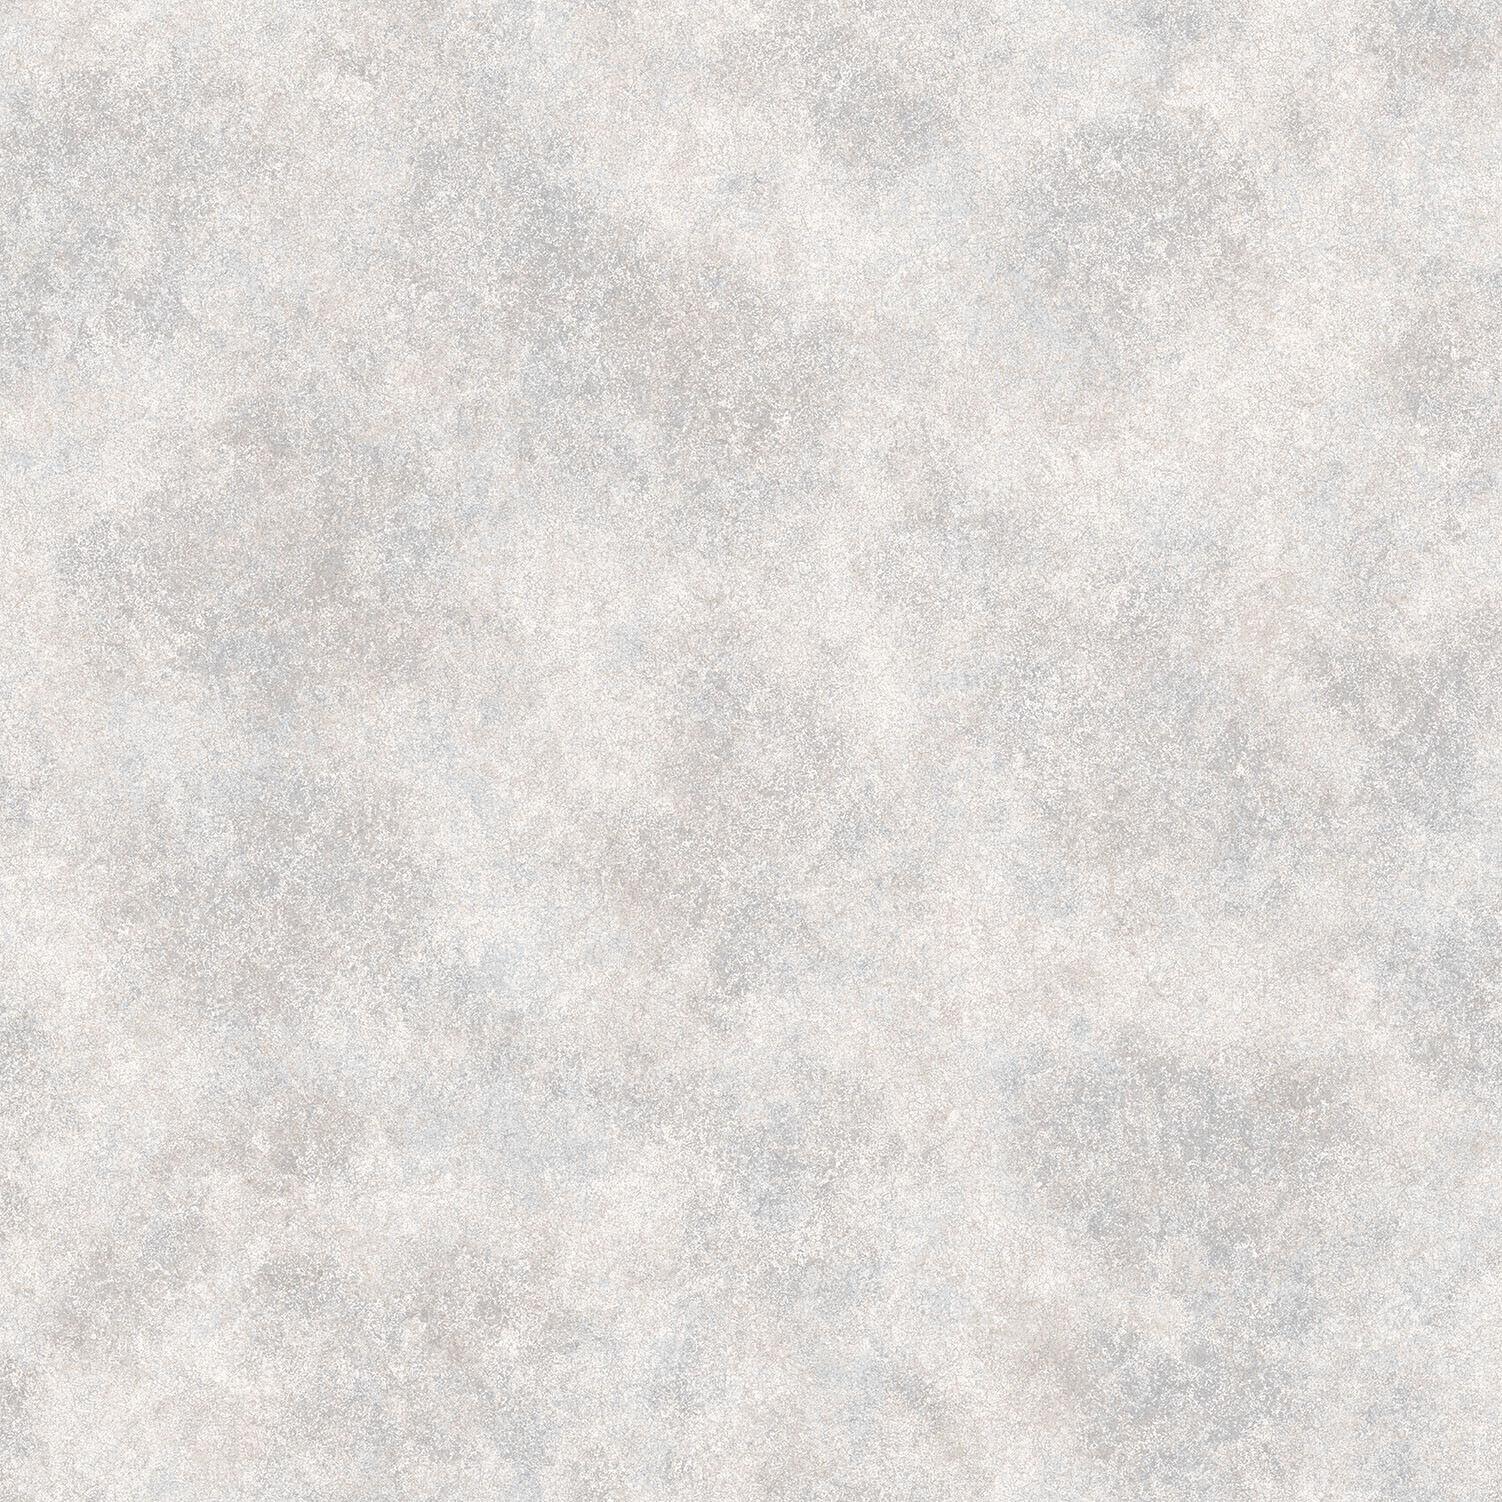 Essener Tapete Special FX G67695 Uni einfarbig silver Vinyl Vliestapete Vlies